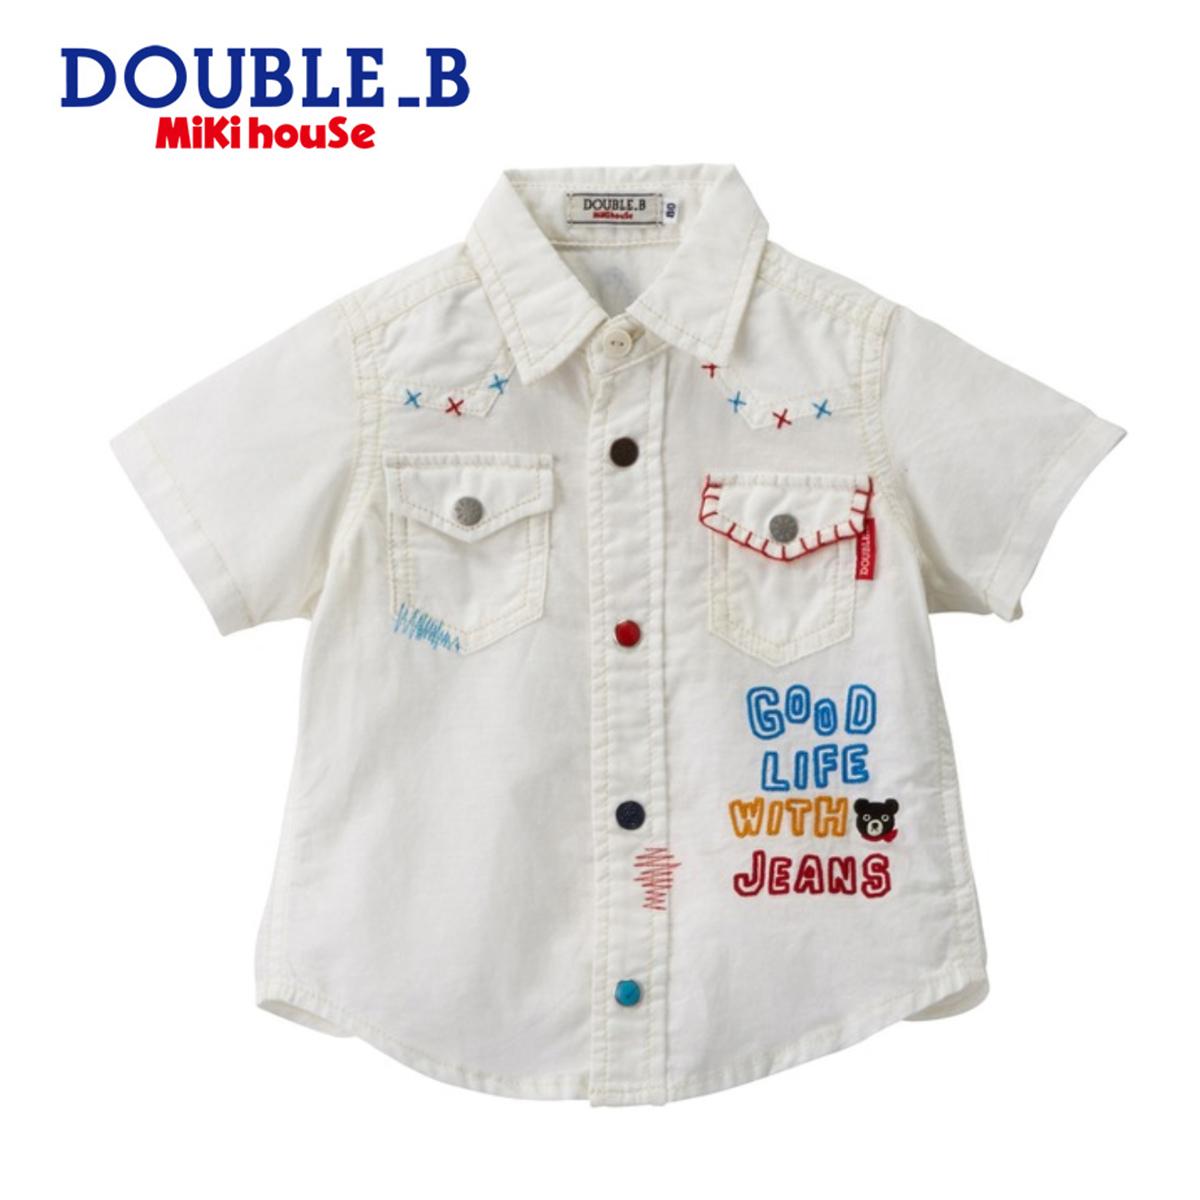 【宅配便送料無料】【DOUBLE B ダブルビー】ウエスタン風半袖シャツ(80cm・90cm)ミキハウス